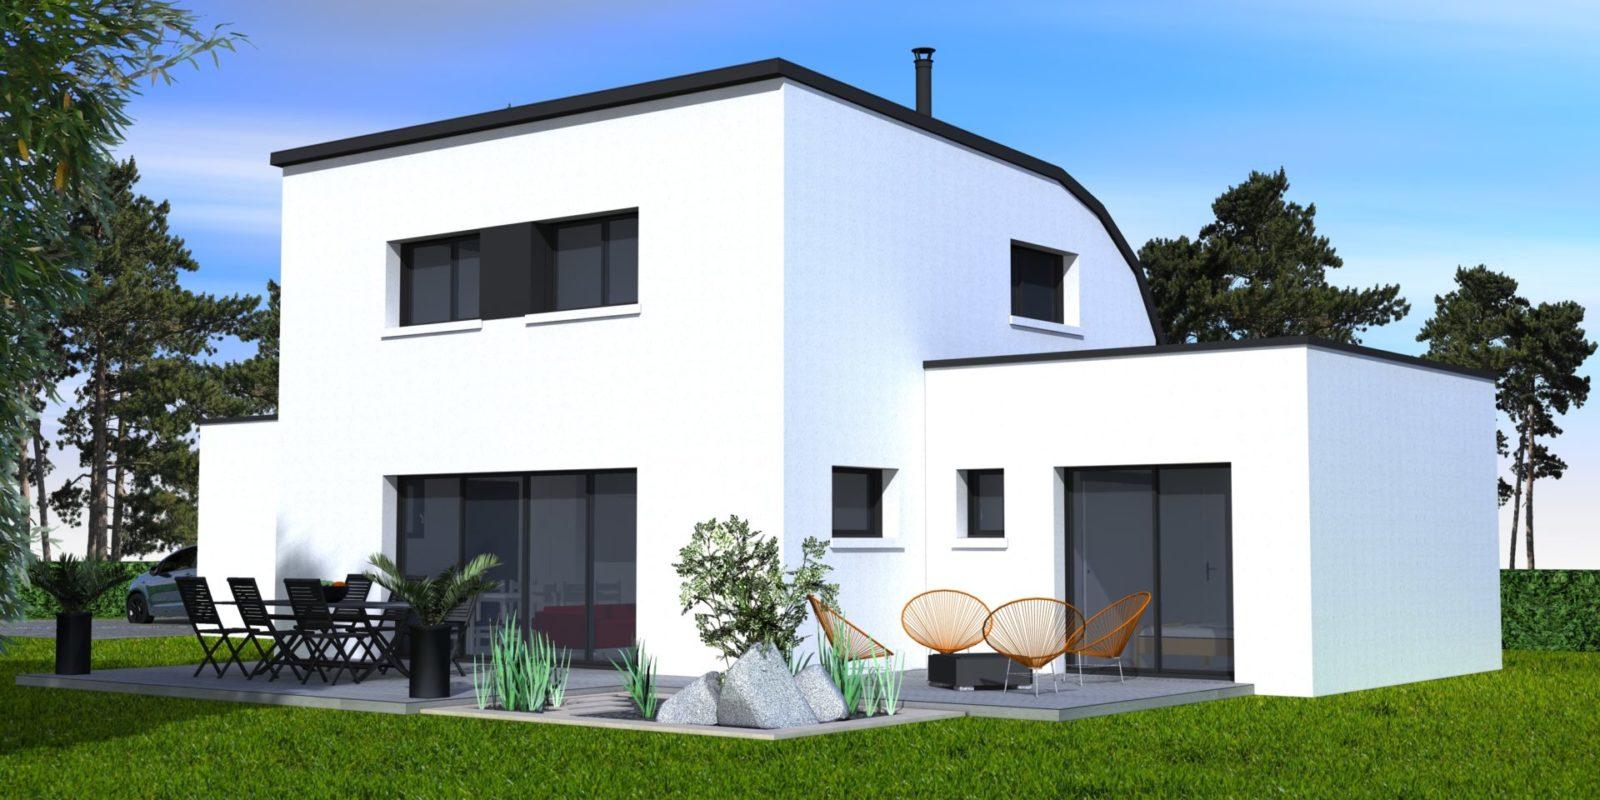 Maison contemporaine toiture cintrée – Sérent